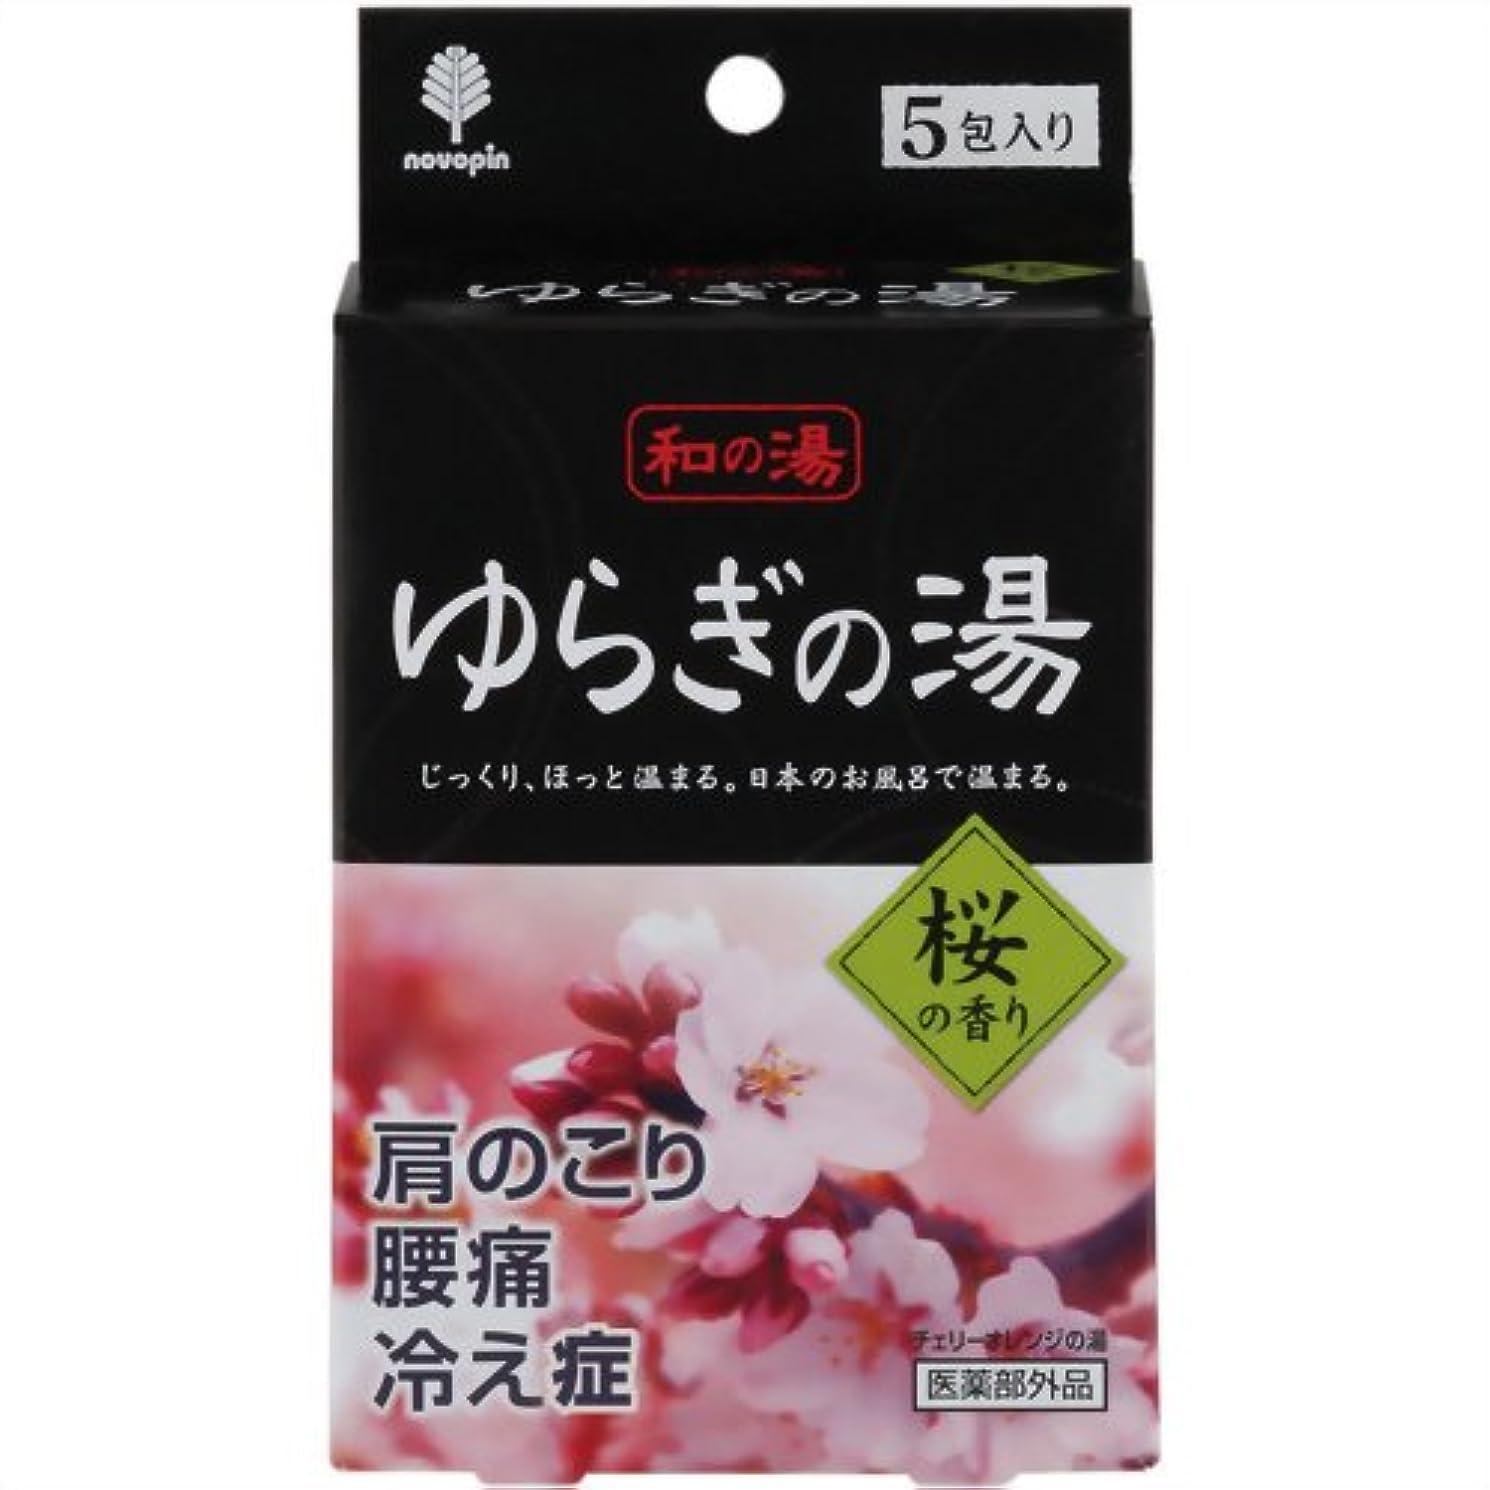 醸造所立派な休暇和の湯 ゆらぎの湯 桜の香り 5包入